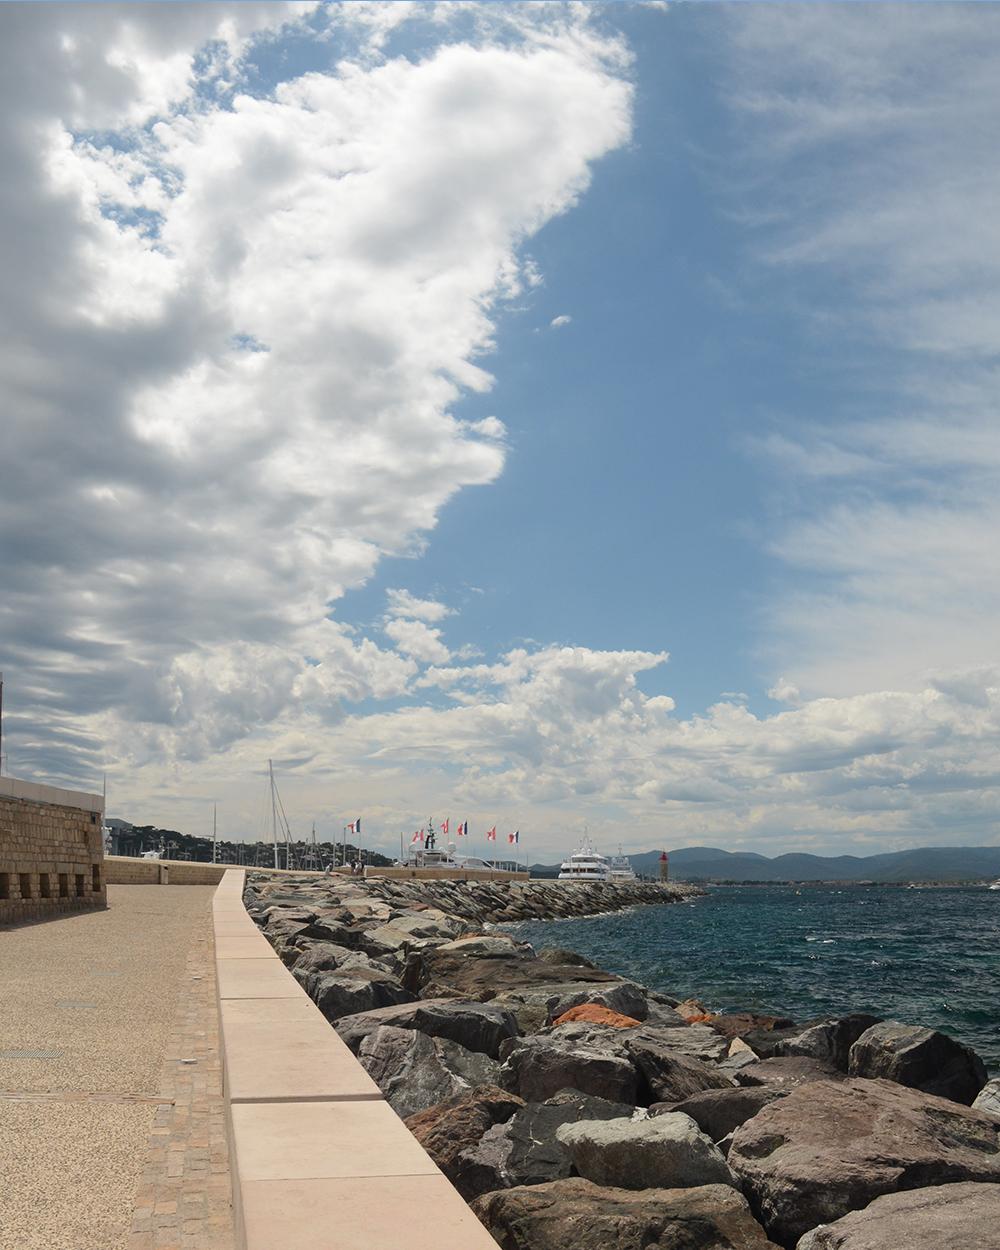 St. Tropez breakwater